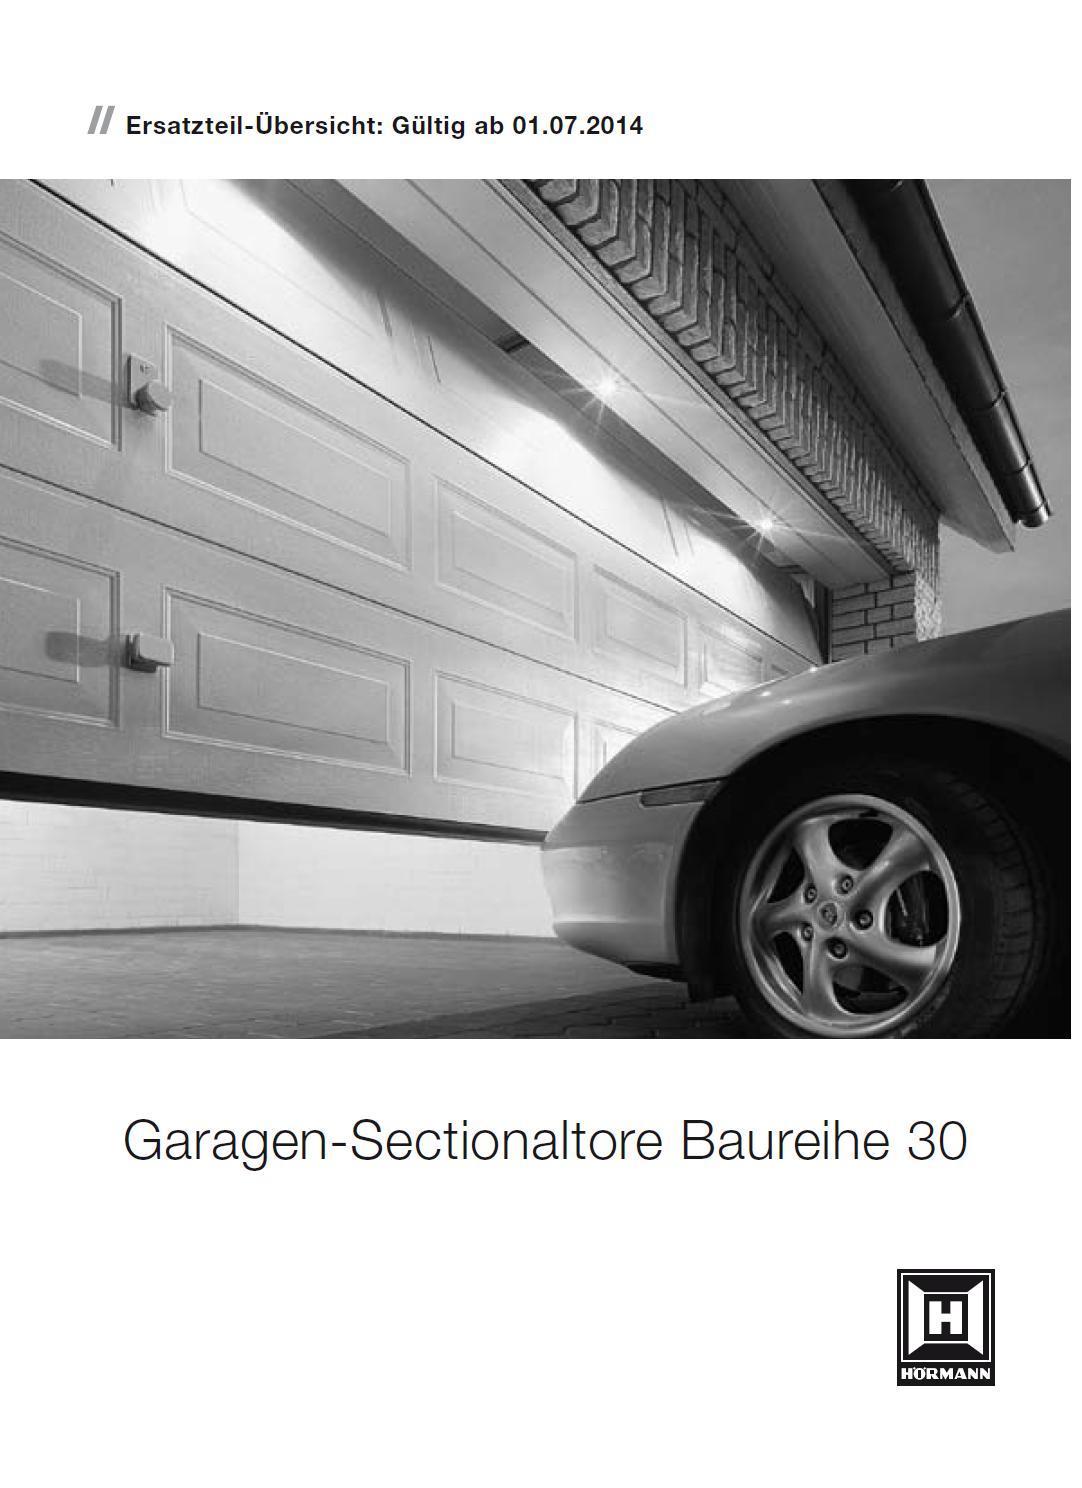 ersatzteile h rmann garagen sectionaltor lte 20 lpu 20 bei tarotore. Black Bedroom Furniture Sets. Home Design Ideas